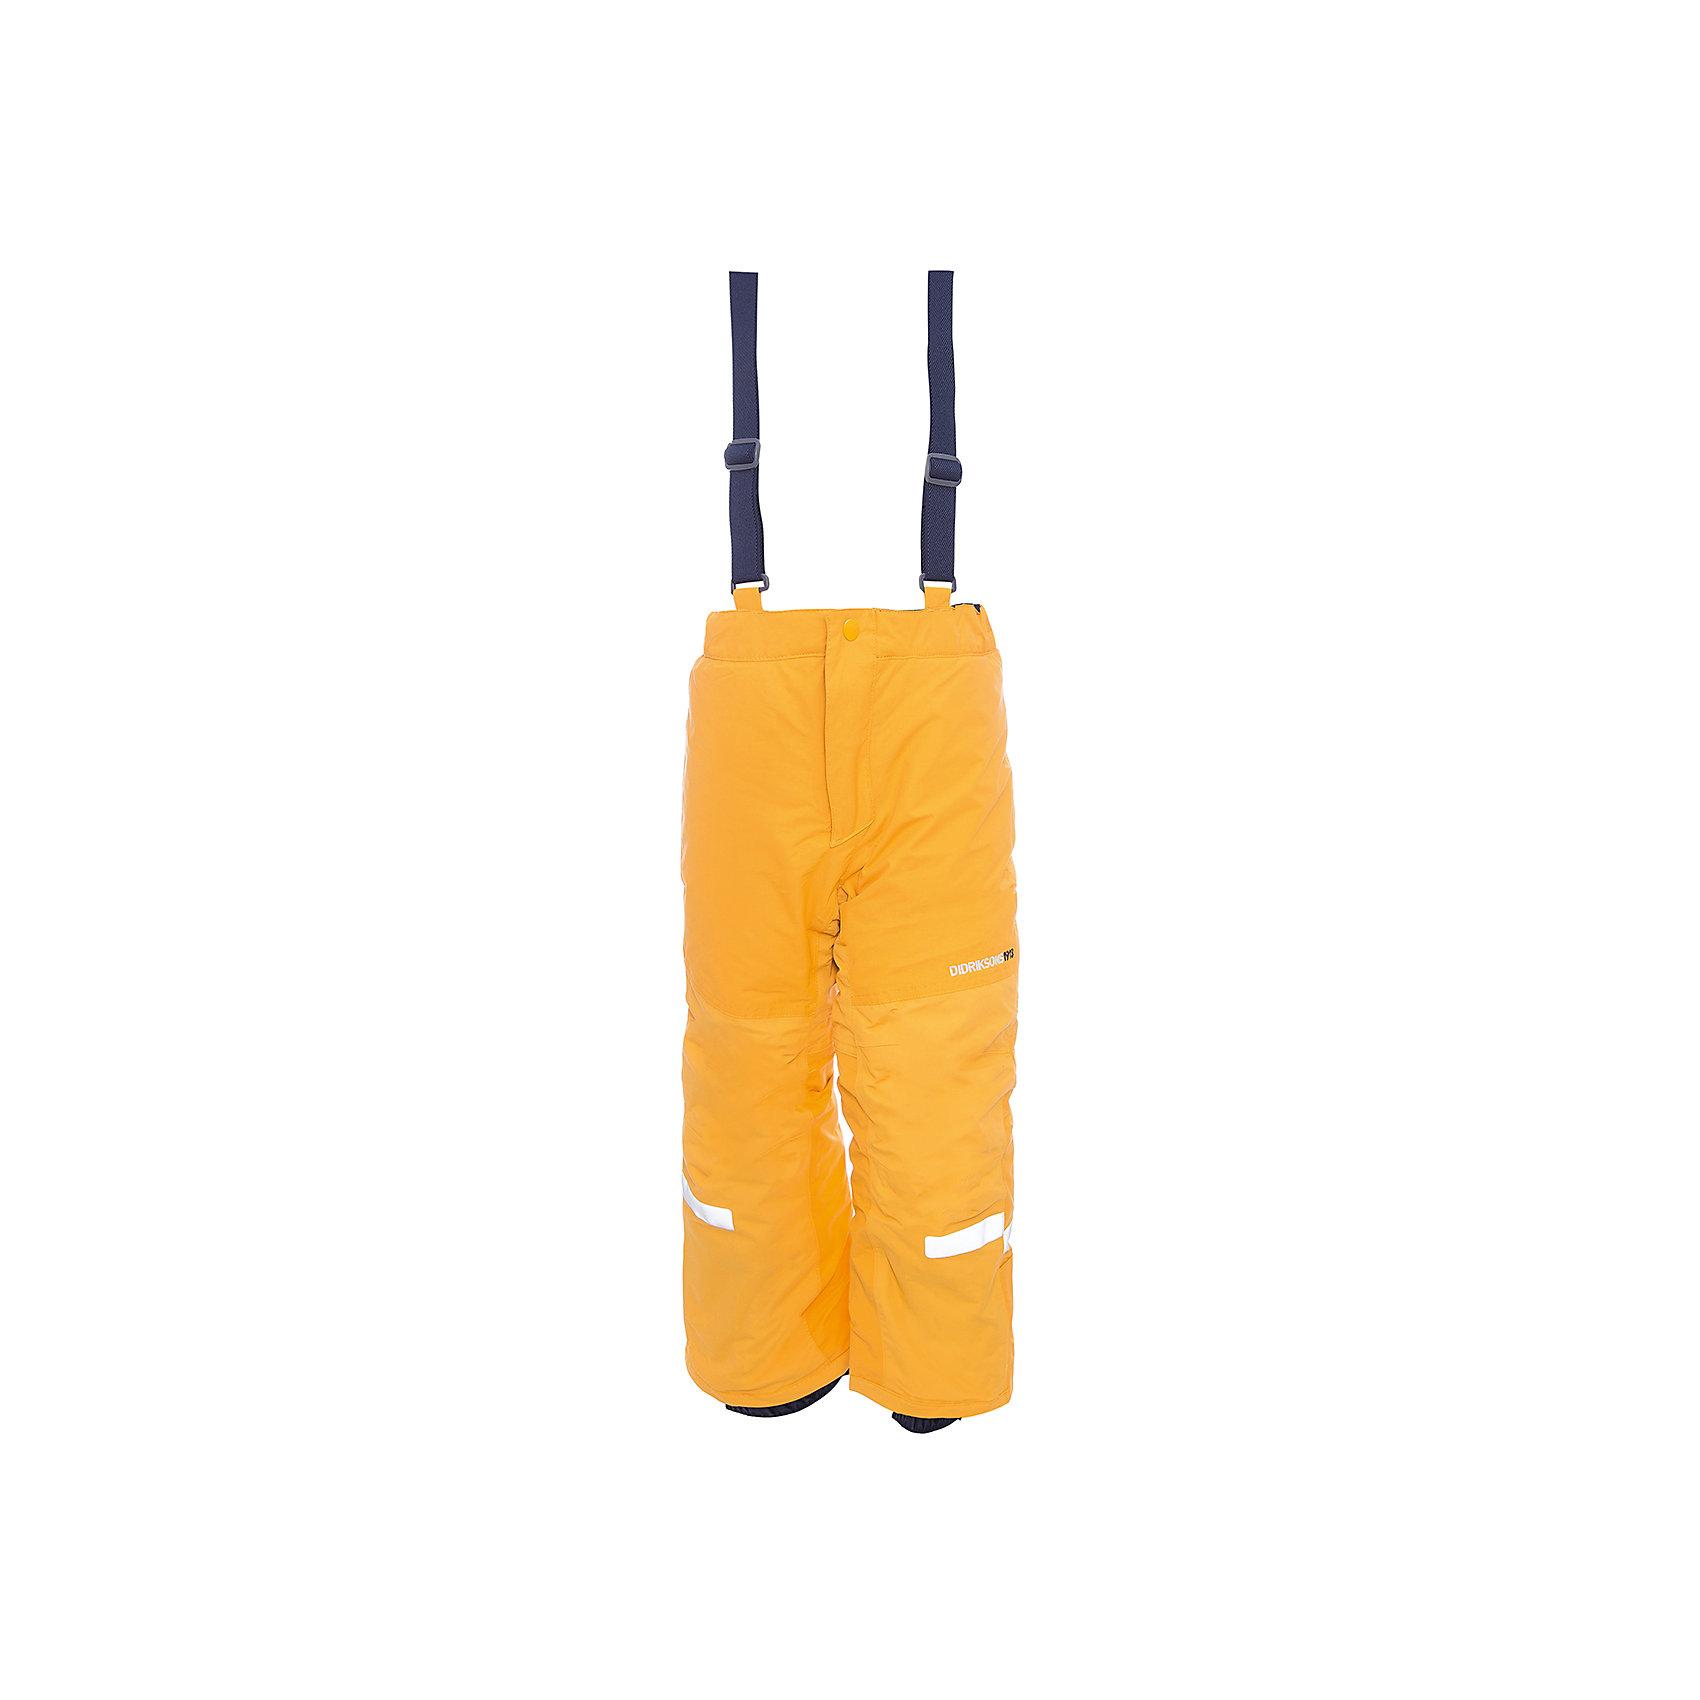 Брюки IDRE DIDRIKSONSВерхняя одежда<br>Характеристики товара:<br><br>• цвет: желтый<br>• состав ткани: 100% полиамид<br>• подкладка: 100% полиэстер<br>• утеплитель: 100% полиэстер<br>• сезон: зима<br>• мембранная<br>• температурный режим: от -20 до 0<br>• водонепроницаемость: 6000 мм <br>• паропроницаемость: 4000 г/м2<br>• плотность утеплителя: 140г/м2<br>• швы проклеены<br>• регулируемые подтяжки и низ штанин<br>• фиксированные лямки<br>• снежные гетры с силиконовой резинкой<br>• штрипки<br>• застежка: молния<br>• светоотражающие детали<br>• конструкция позволяет увеличить длину штанин на один размер<br>• страна бренда: Швеция<br>• страна изготовитель: Китай<br><br>Яркие зимние брюки для ребенка создают комфортные условия для тела. Непромокаемый и непродуваемый материал детских брюк легко чистится. Модные брюки для ребенка Didriksons рассчитаны на морозную погоду. Детские брюки от известного шведского бренда теплые и легкие. <br><br>Брюки для мальчика Idre Didriksons (Дидриксонс) можно купить в нашем интернет-магазине.<br><br>Ширина мм: 215<br>Глубина мм: 88<br>Высота мм: 191<br>Вес г: 336<br>Цвет: оранжевый<br>Возраст от месяцев: 108<br>Возраст до месяцев: 120<br>Пол: Унисекс<br>Возраст: Детский<br>Размер: 140,80,90,100,110,120,130<br>SKU: 7045236